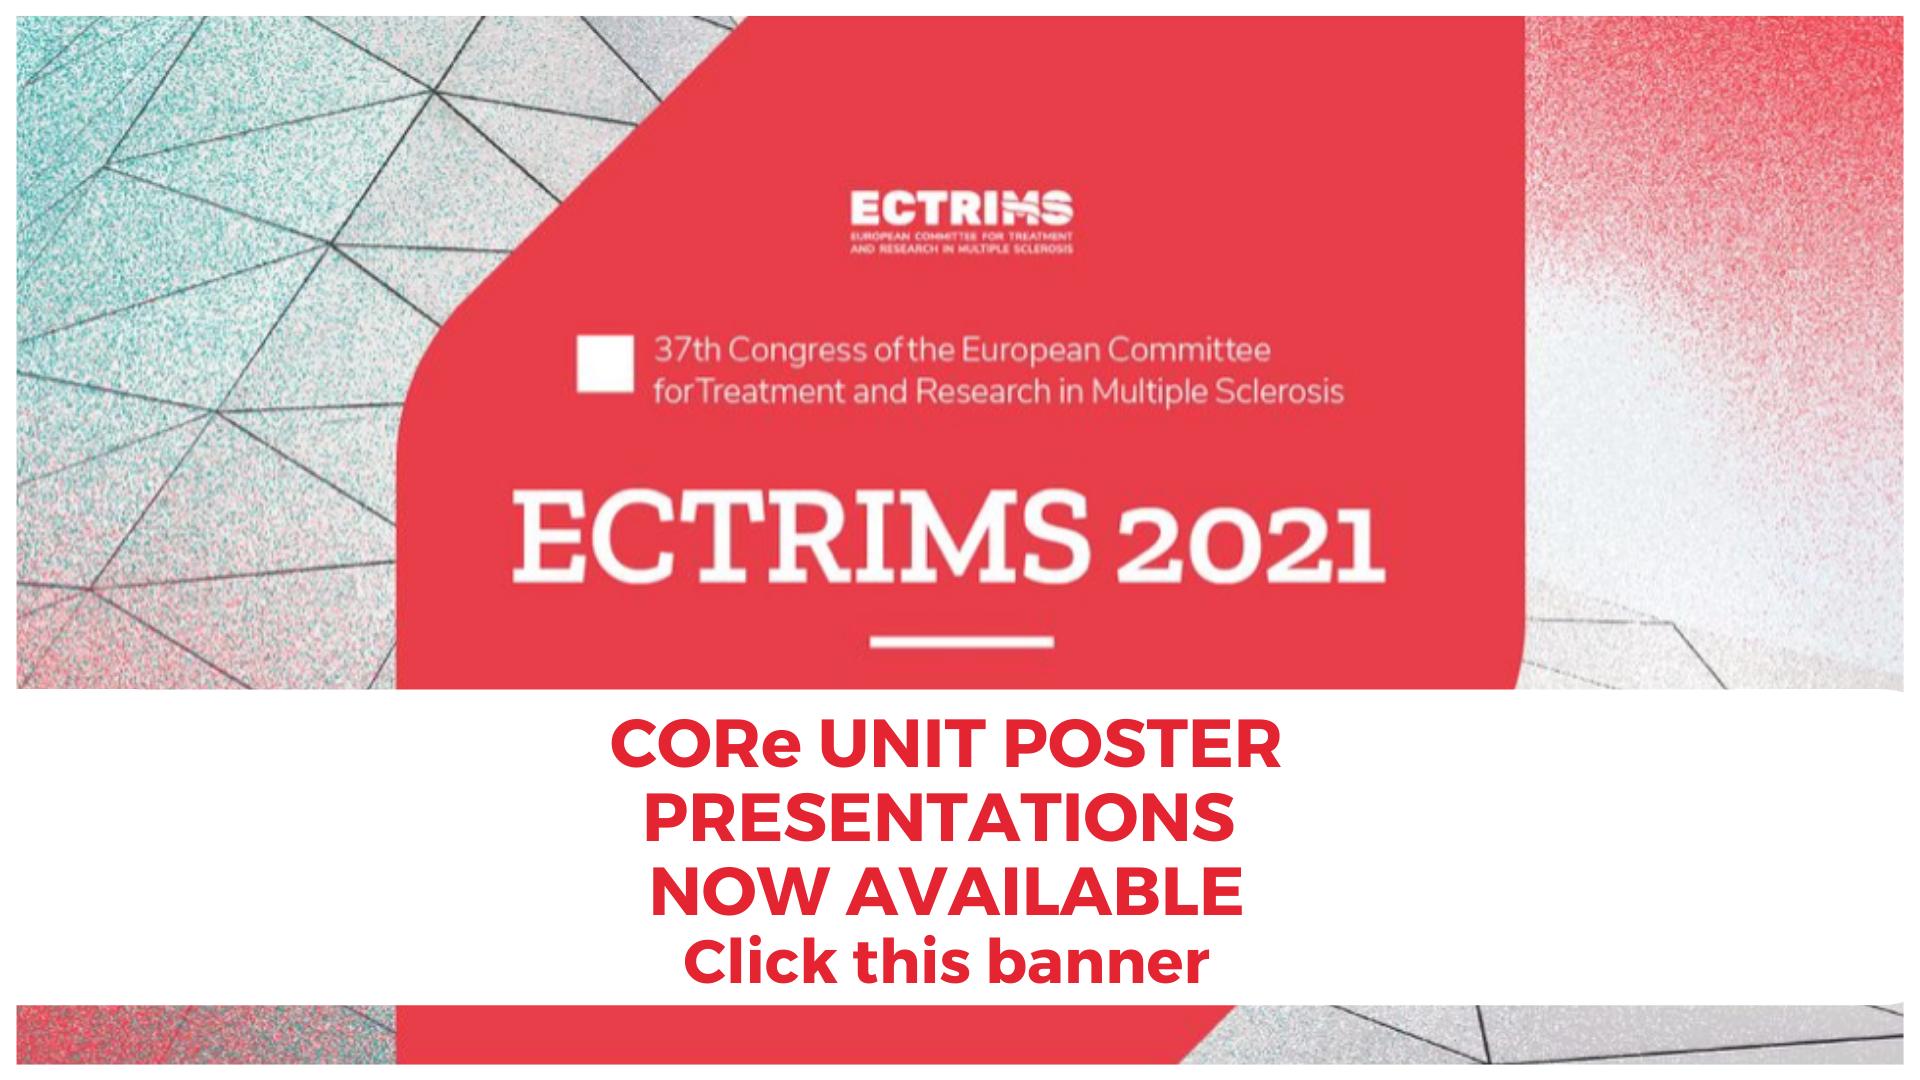 ECTRIMS 2021